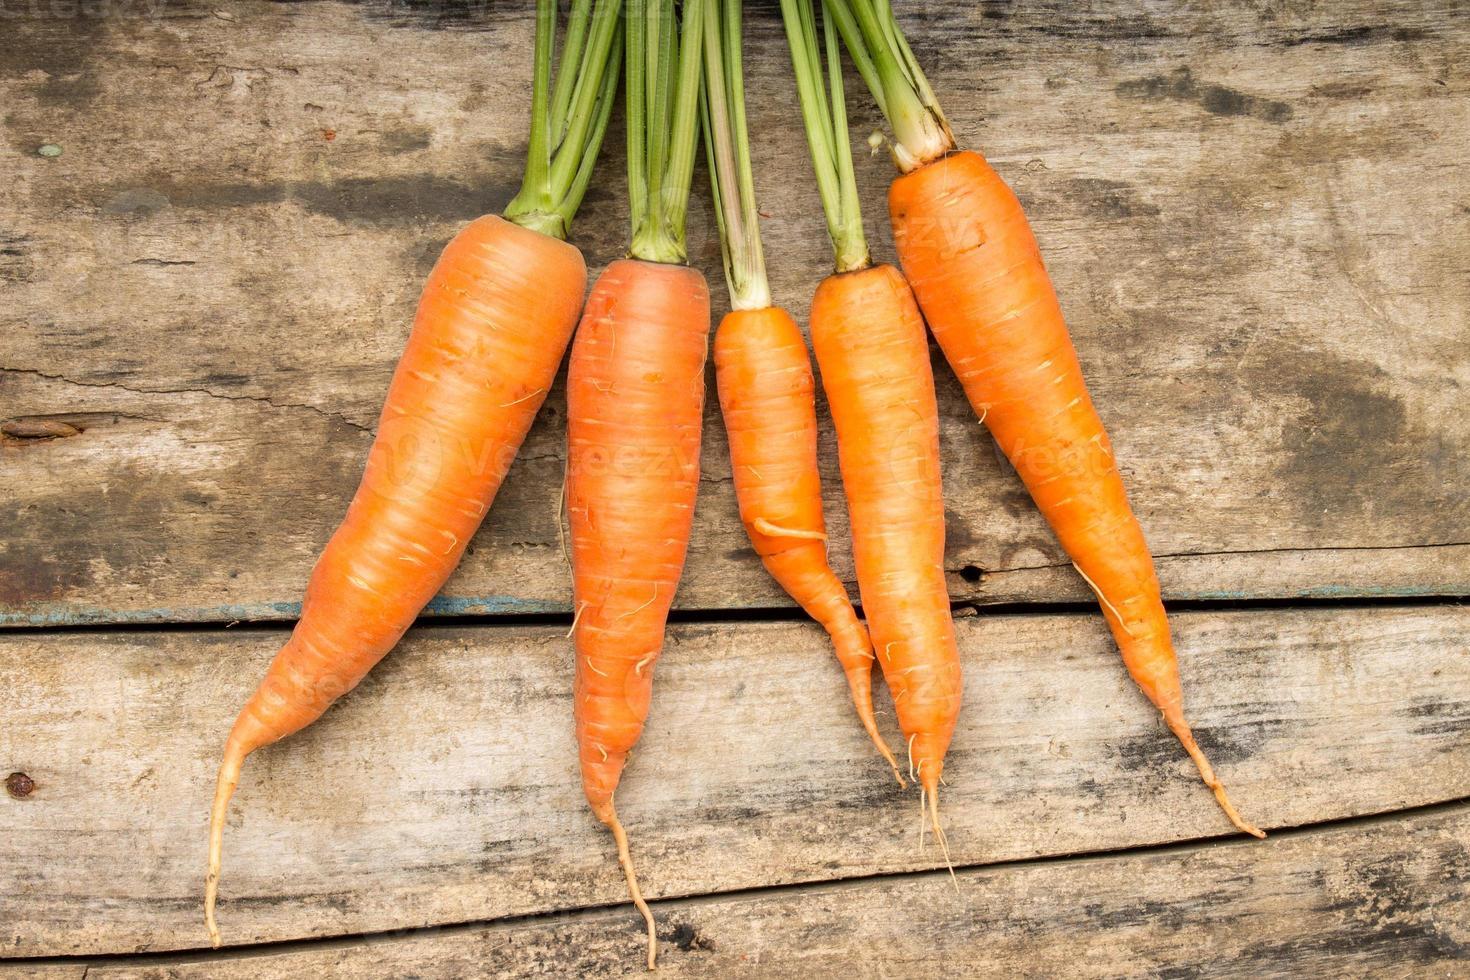 zanahorias maduras frescas sobre fondo de madera foto